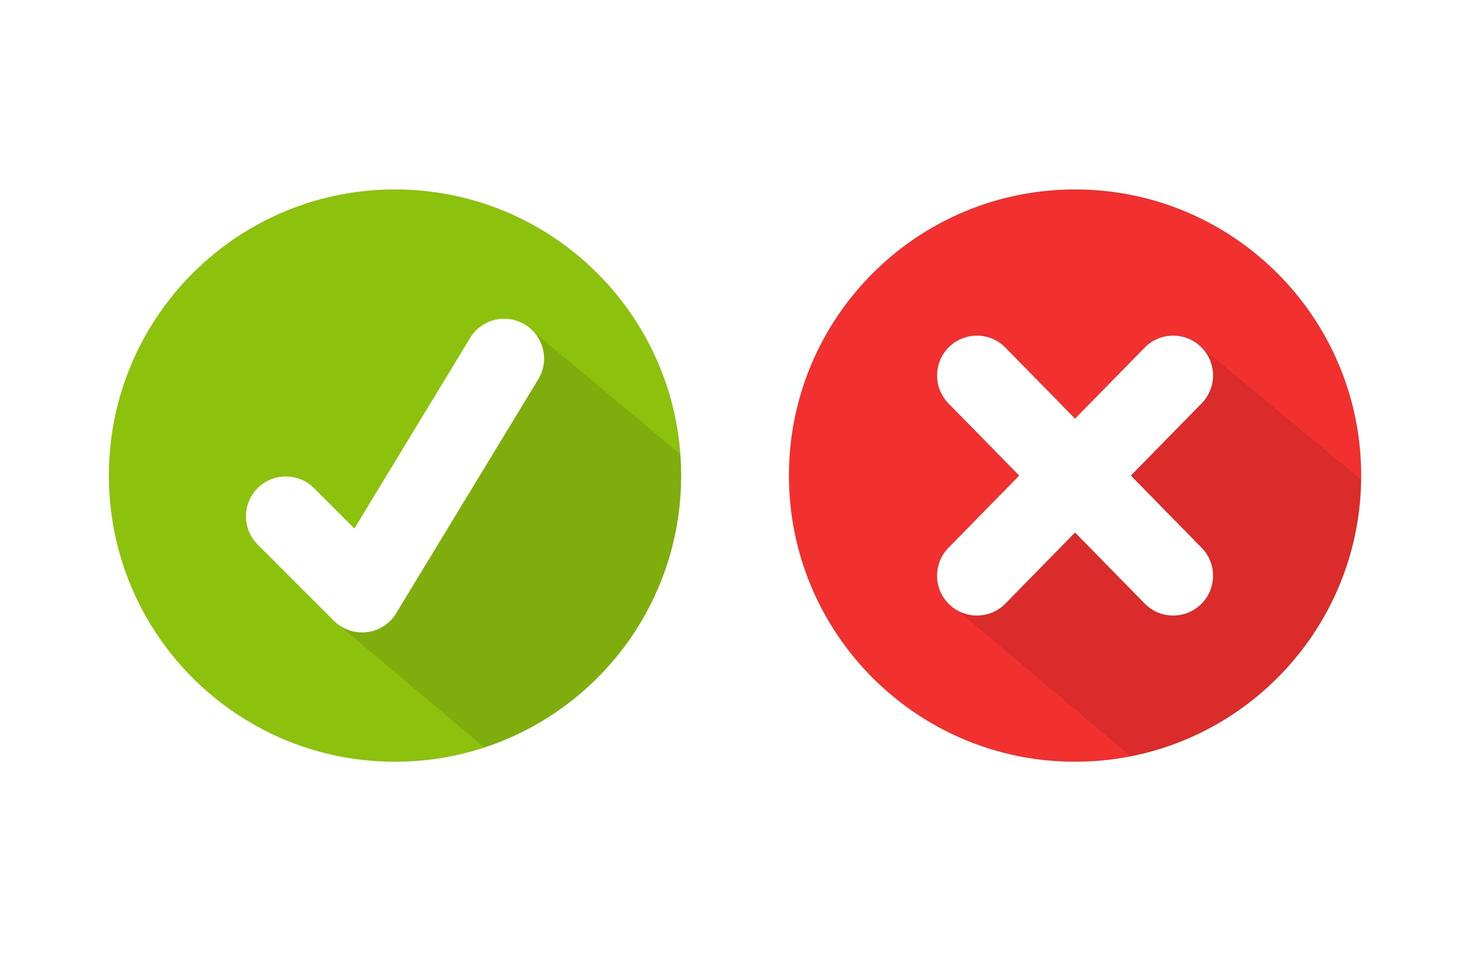 marcas de verificación verdes y rojas vector